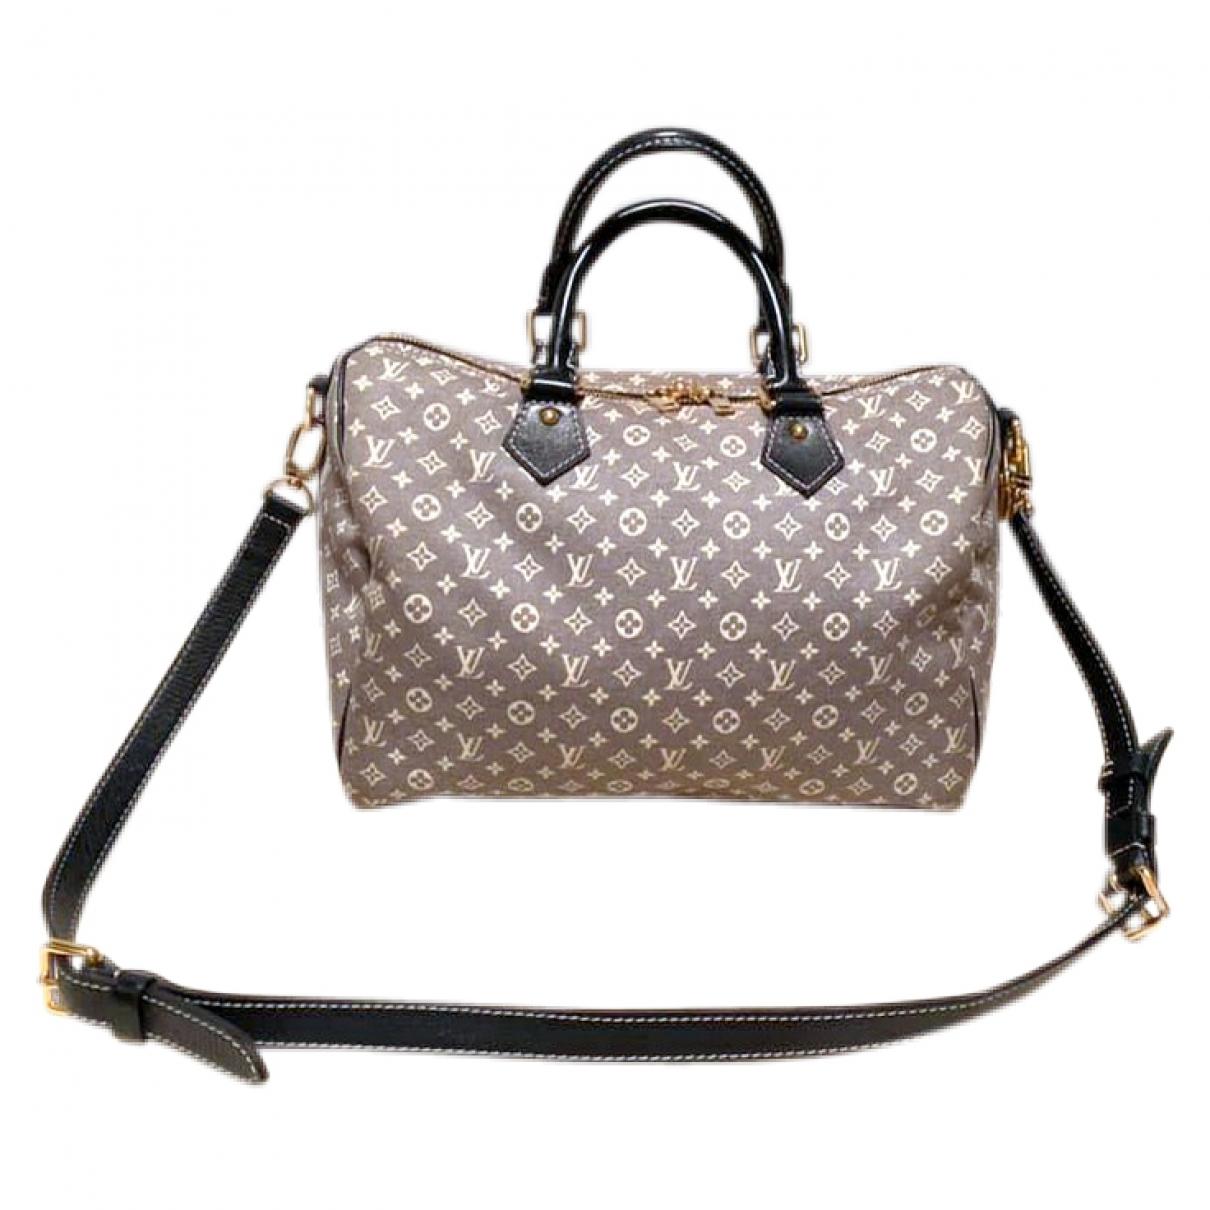 Louis Vuitton Speedy Bandouliere Handtasche in  Marine Baumwolle